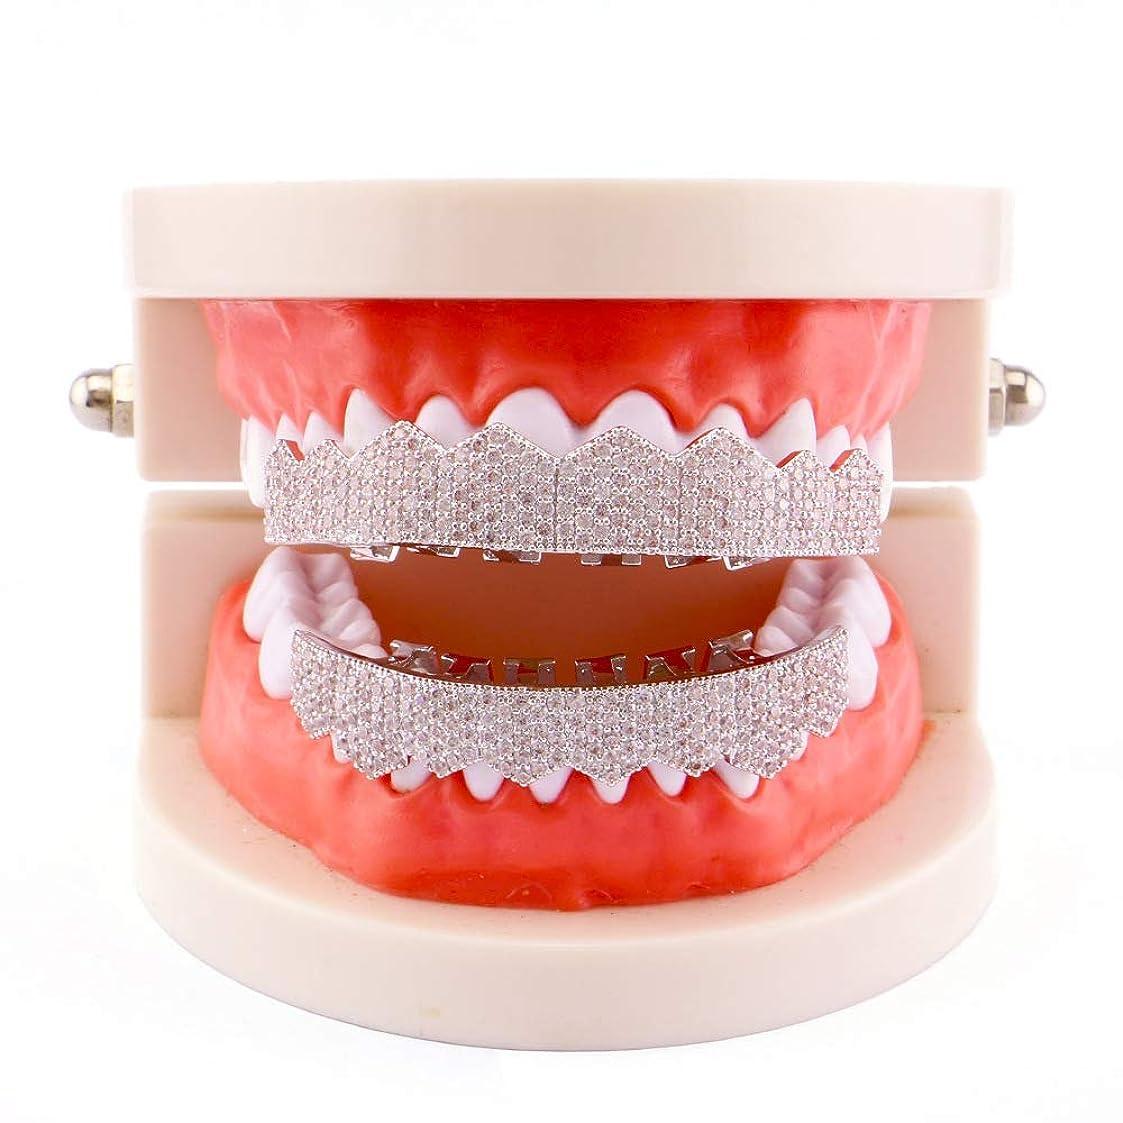 新しいヨーロッパとアメリカのヒップホップの歯のメッキ金メッキダイヤモンドブレース男性と女性のハイエンドのヒップホップの歯完璧なジュエリーハロウィーンロールプレイング,Silver